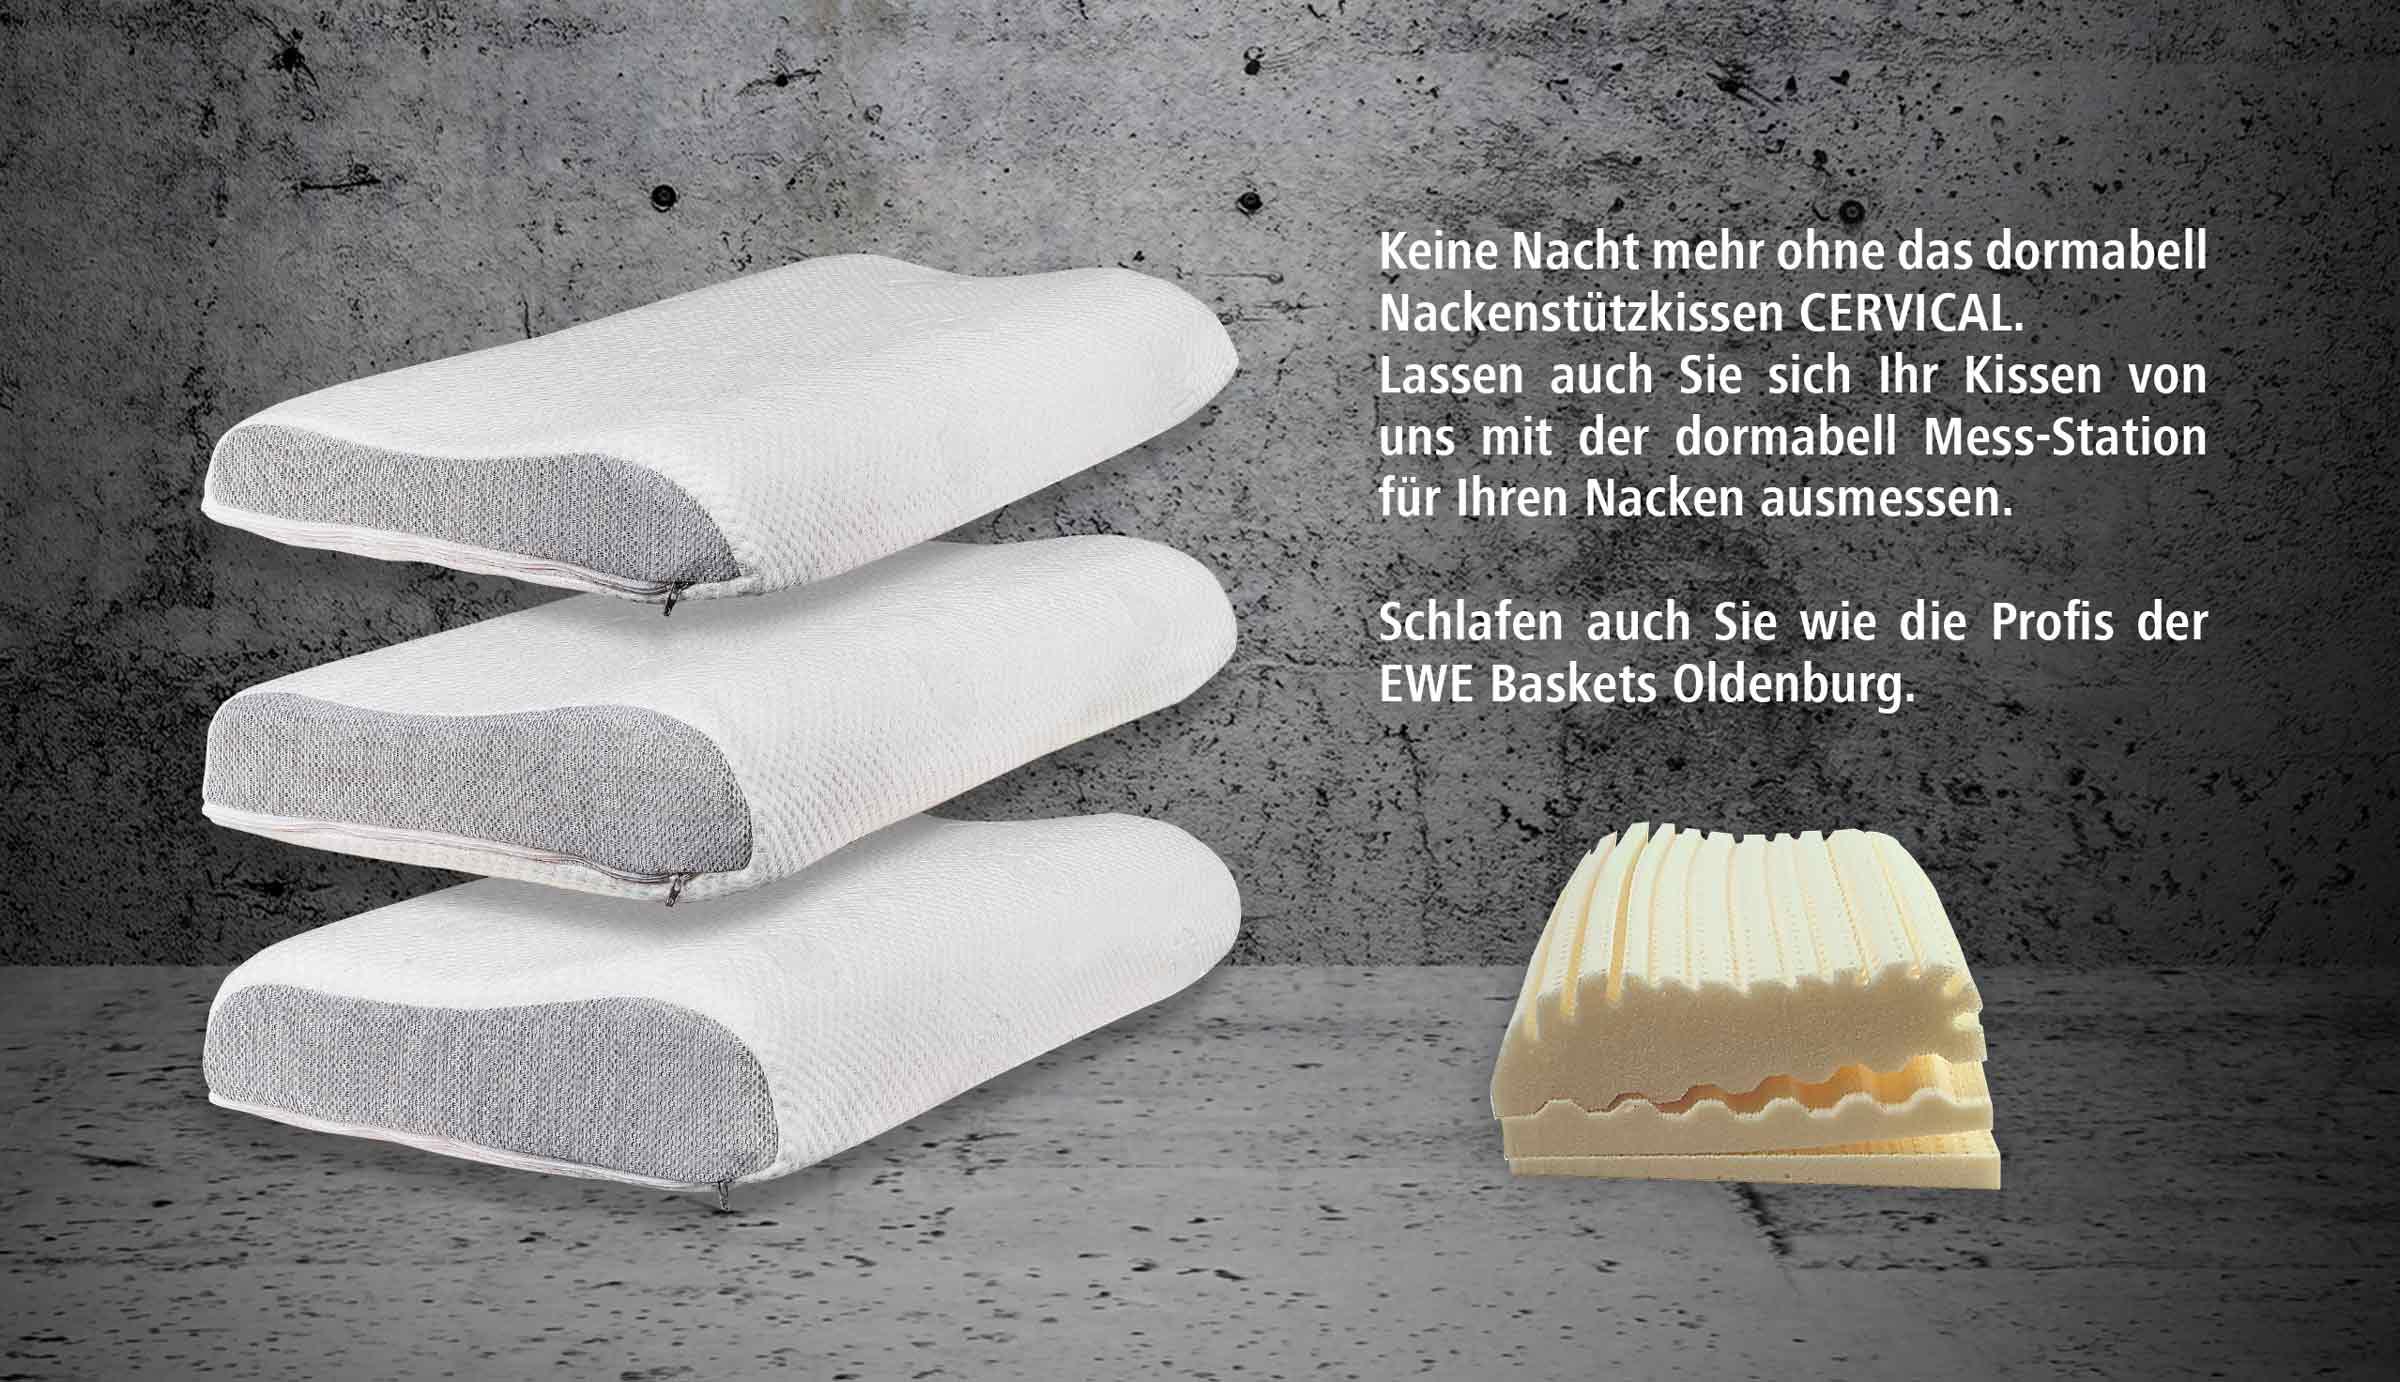 Unsere Dormabell-Nackenstützkissen. Schlafen wie die Profis der EWE-Baskets!